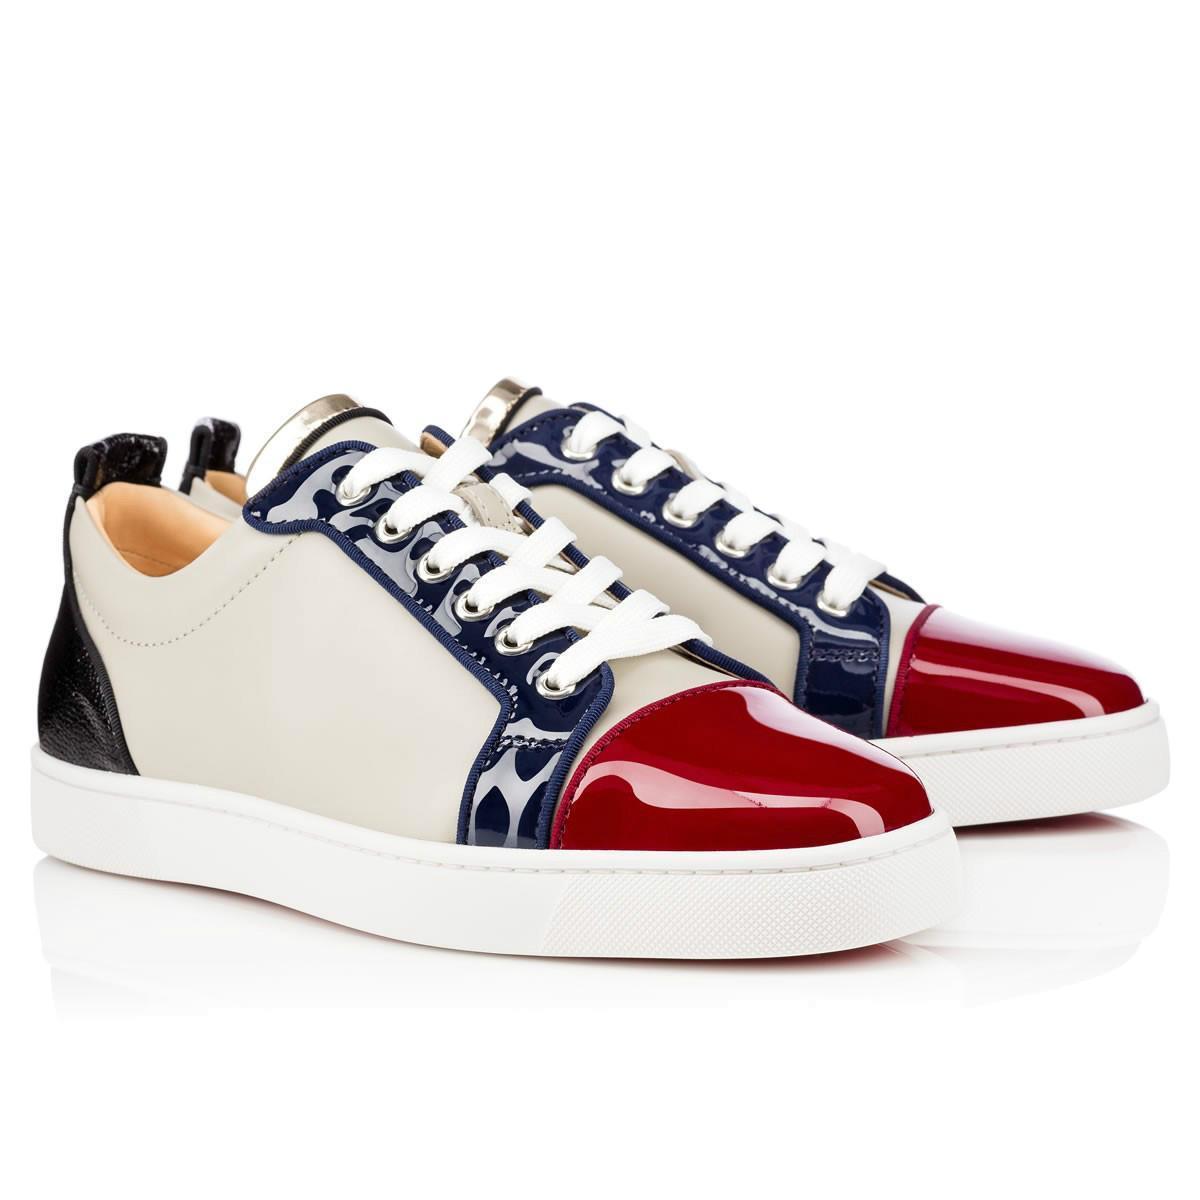 Toptan Fiyat Kırmızı Sole Düşük En Sneakers Ayakkabı Genç Beyaz Siyah Hakiki Deri Bayan Erkek Kırmızı Alt Ayakkabı Moda Günlük Ayakkabılar 3A